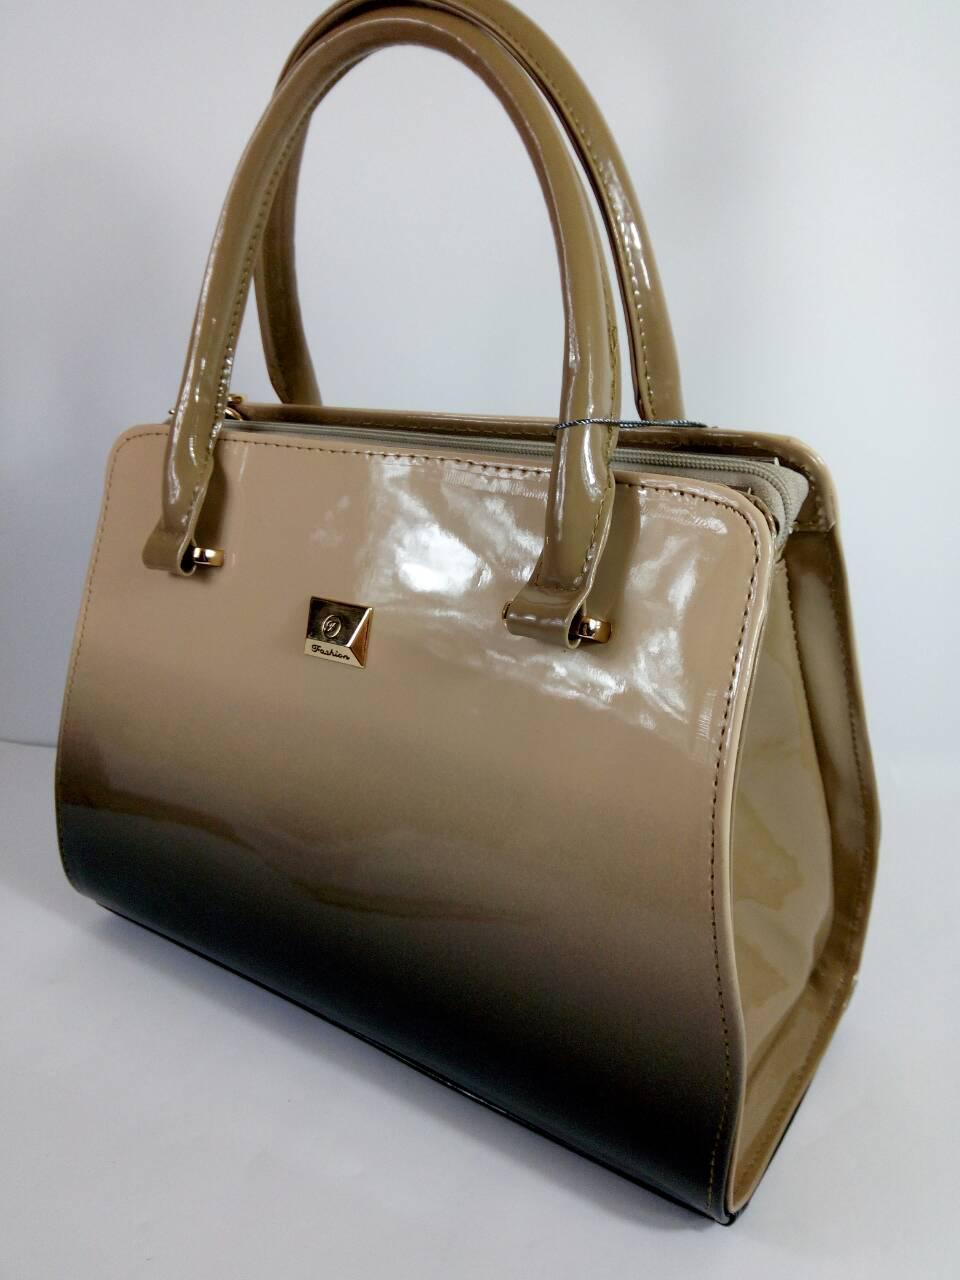 89c9fdd73946 Сумка женская стильная классическая бежевая лаковая - Интернет-магазин  женских сумок в Черновцах